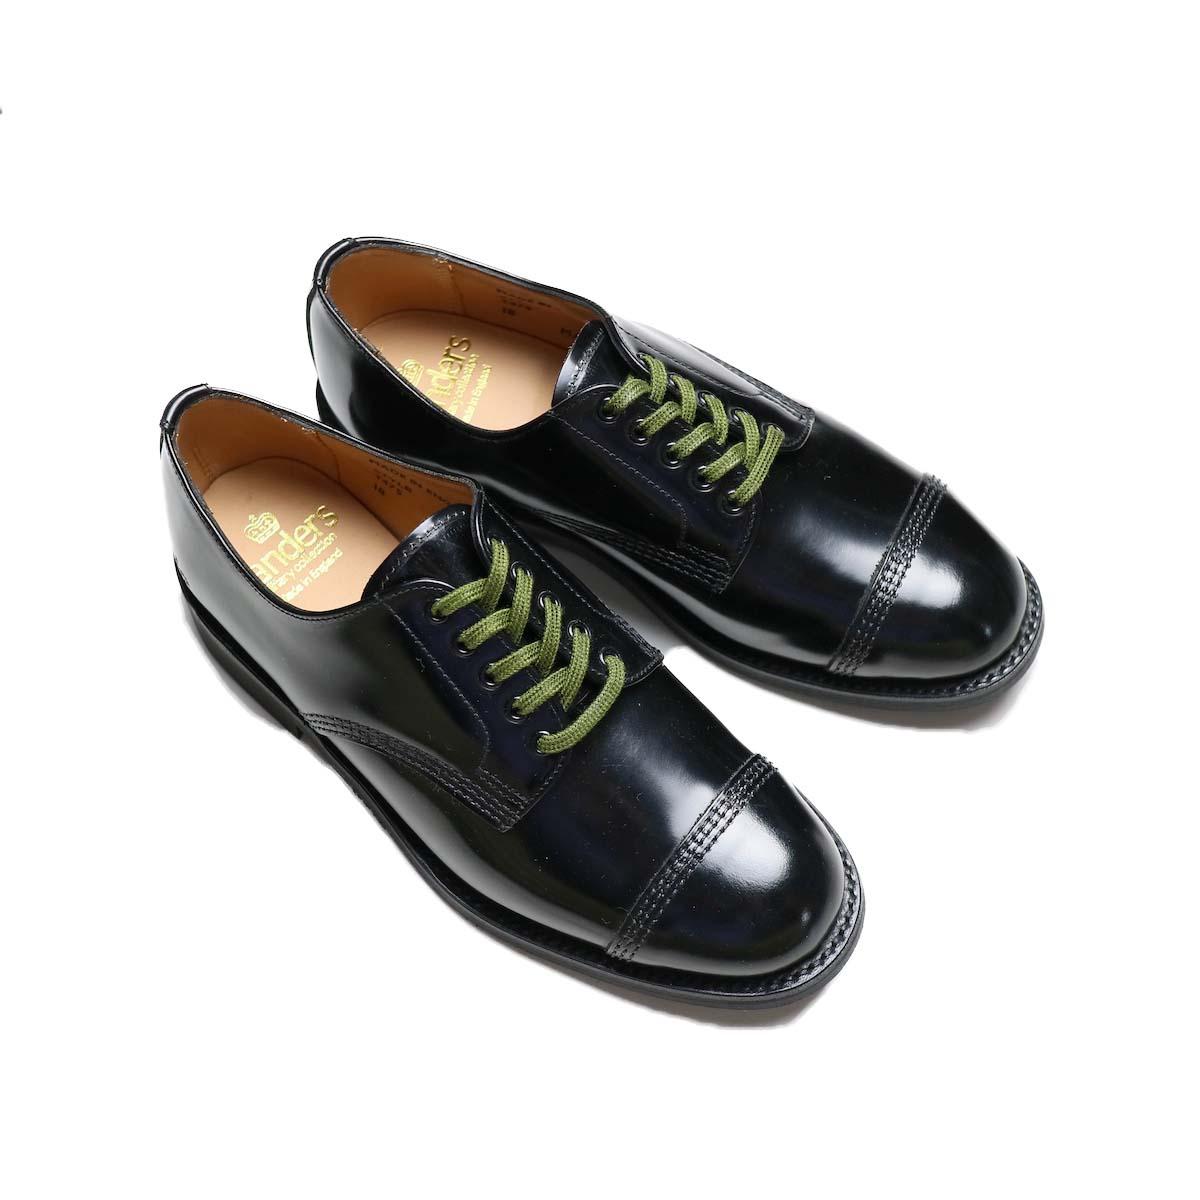 SANDERS / Military Derby Shoe